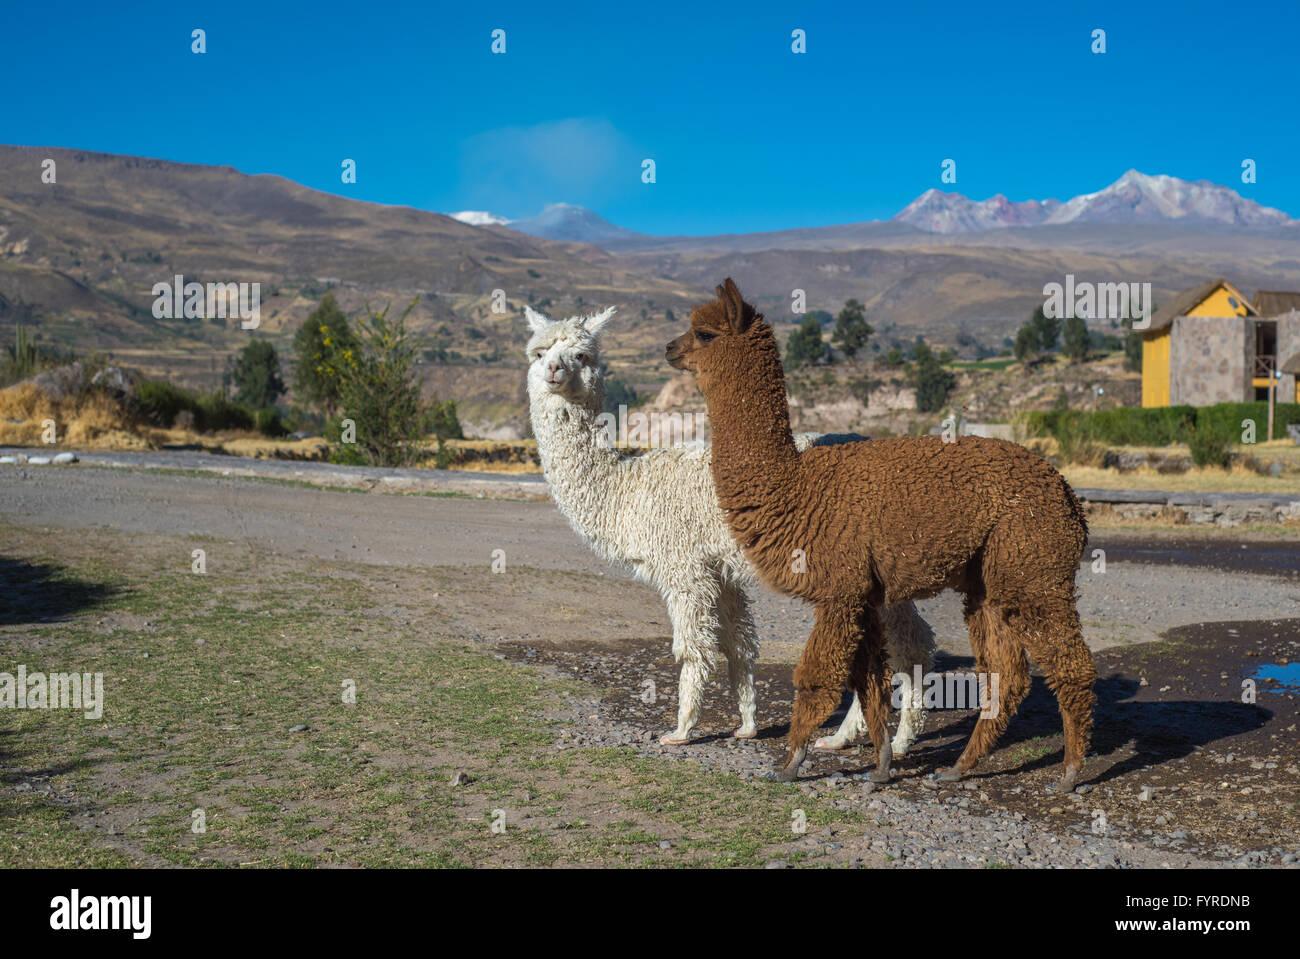 Peruvian alpacas - Stock Image